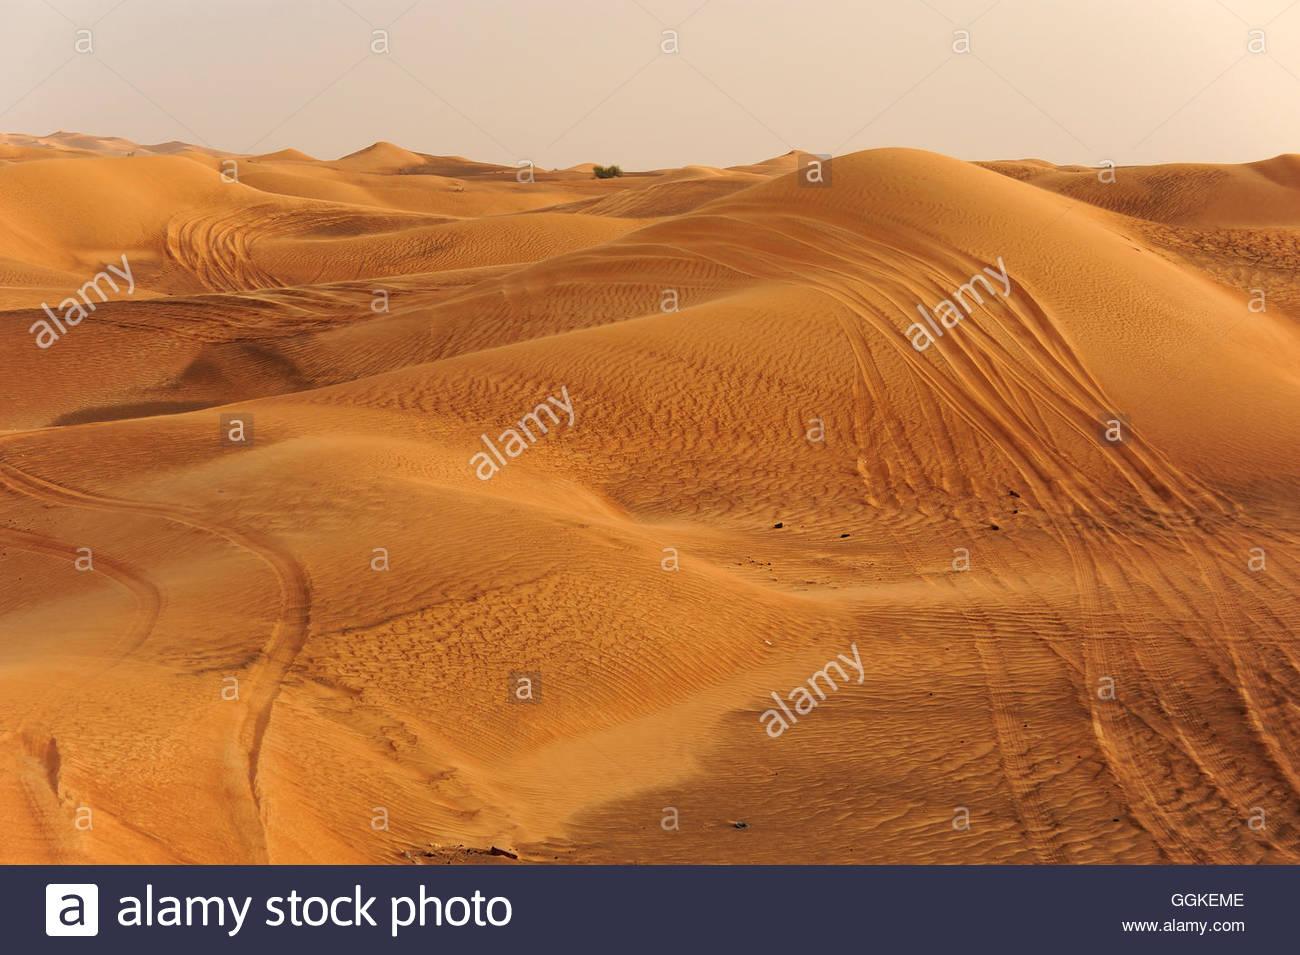 Bremsspuren in der Wüste in der Nähe von Dubai, Vereinigte Arabische Emirate Stockfoto